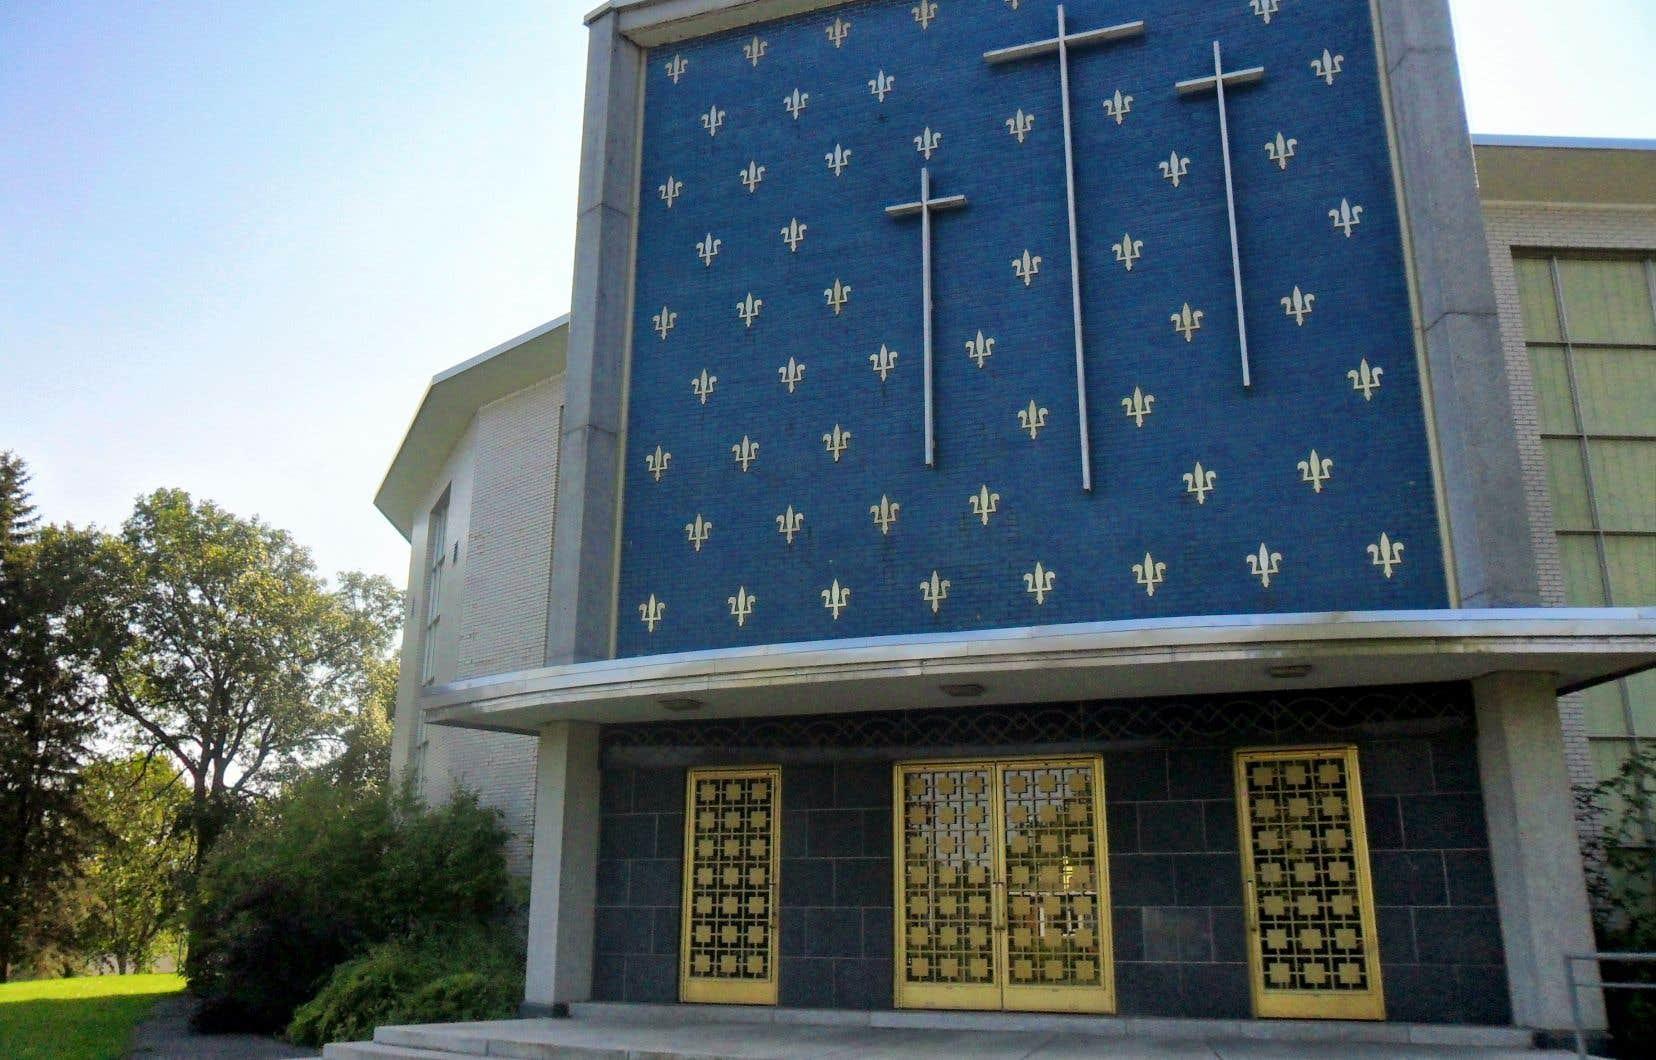 L'église Saint-Louis-de-France représente une époque où le Québec se développait à grands pas et se modernisait, rappelle l'autrice.